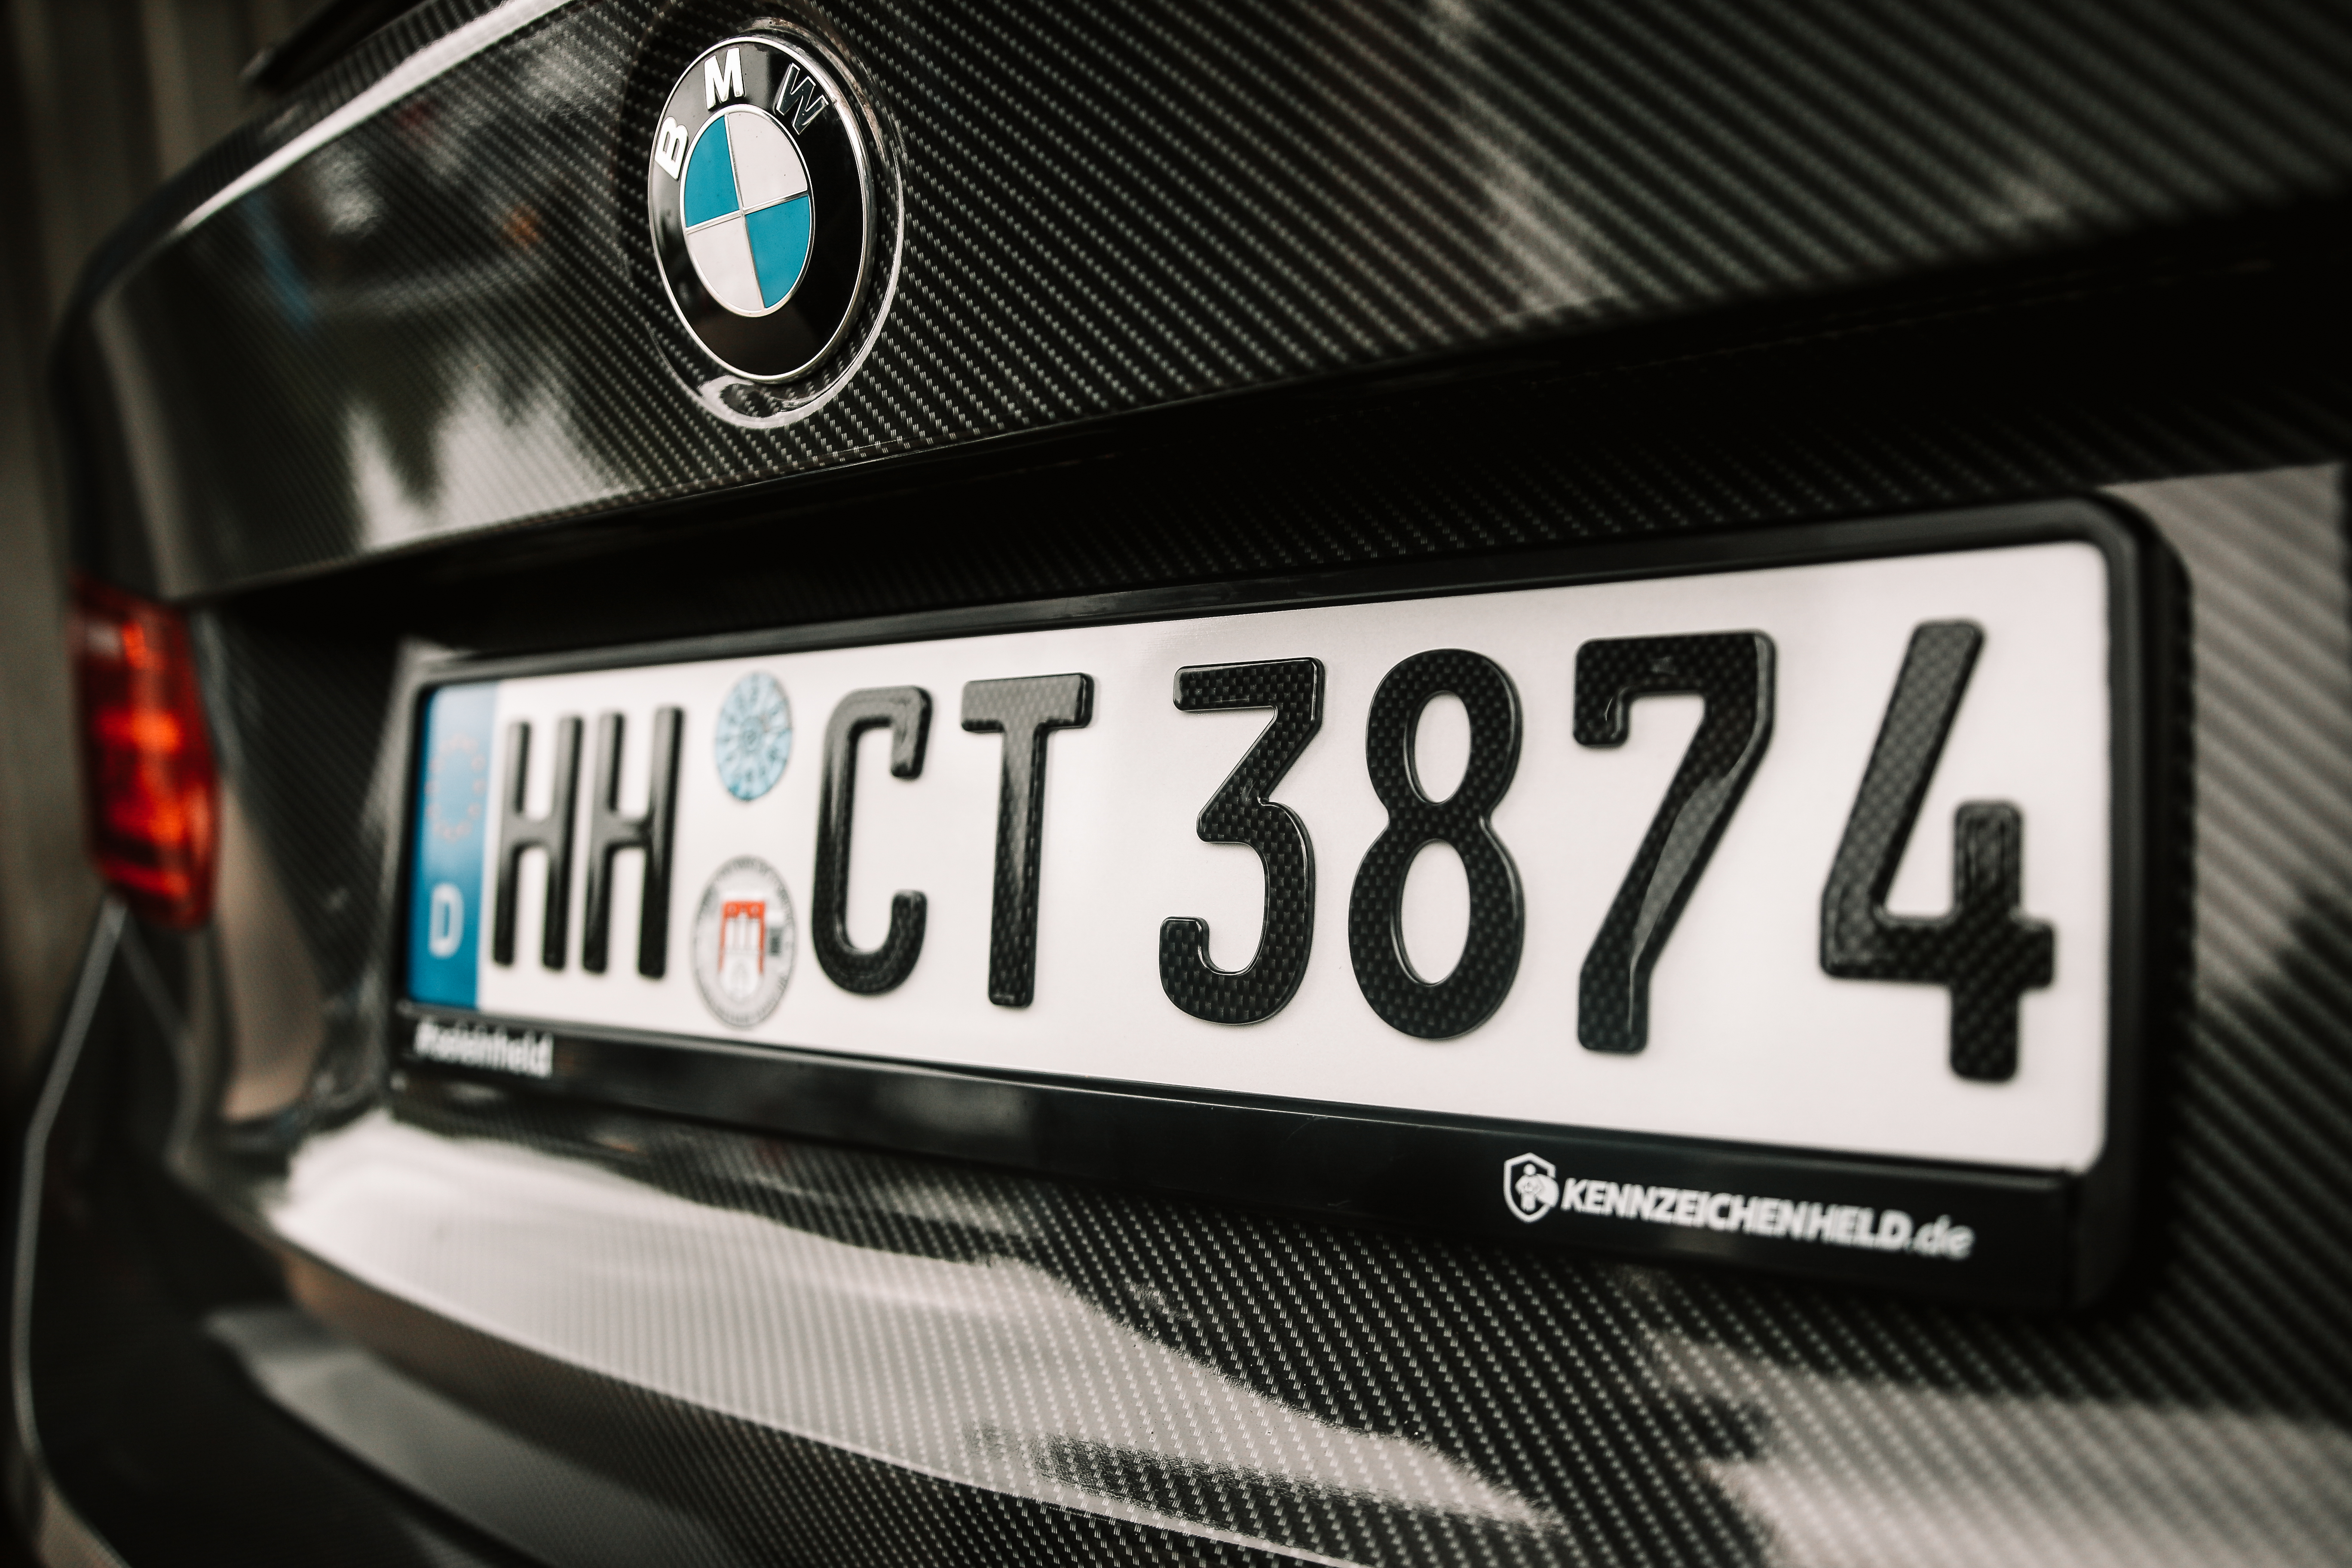 KNZHLD BMW 1 à partir de 136